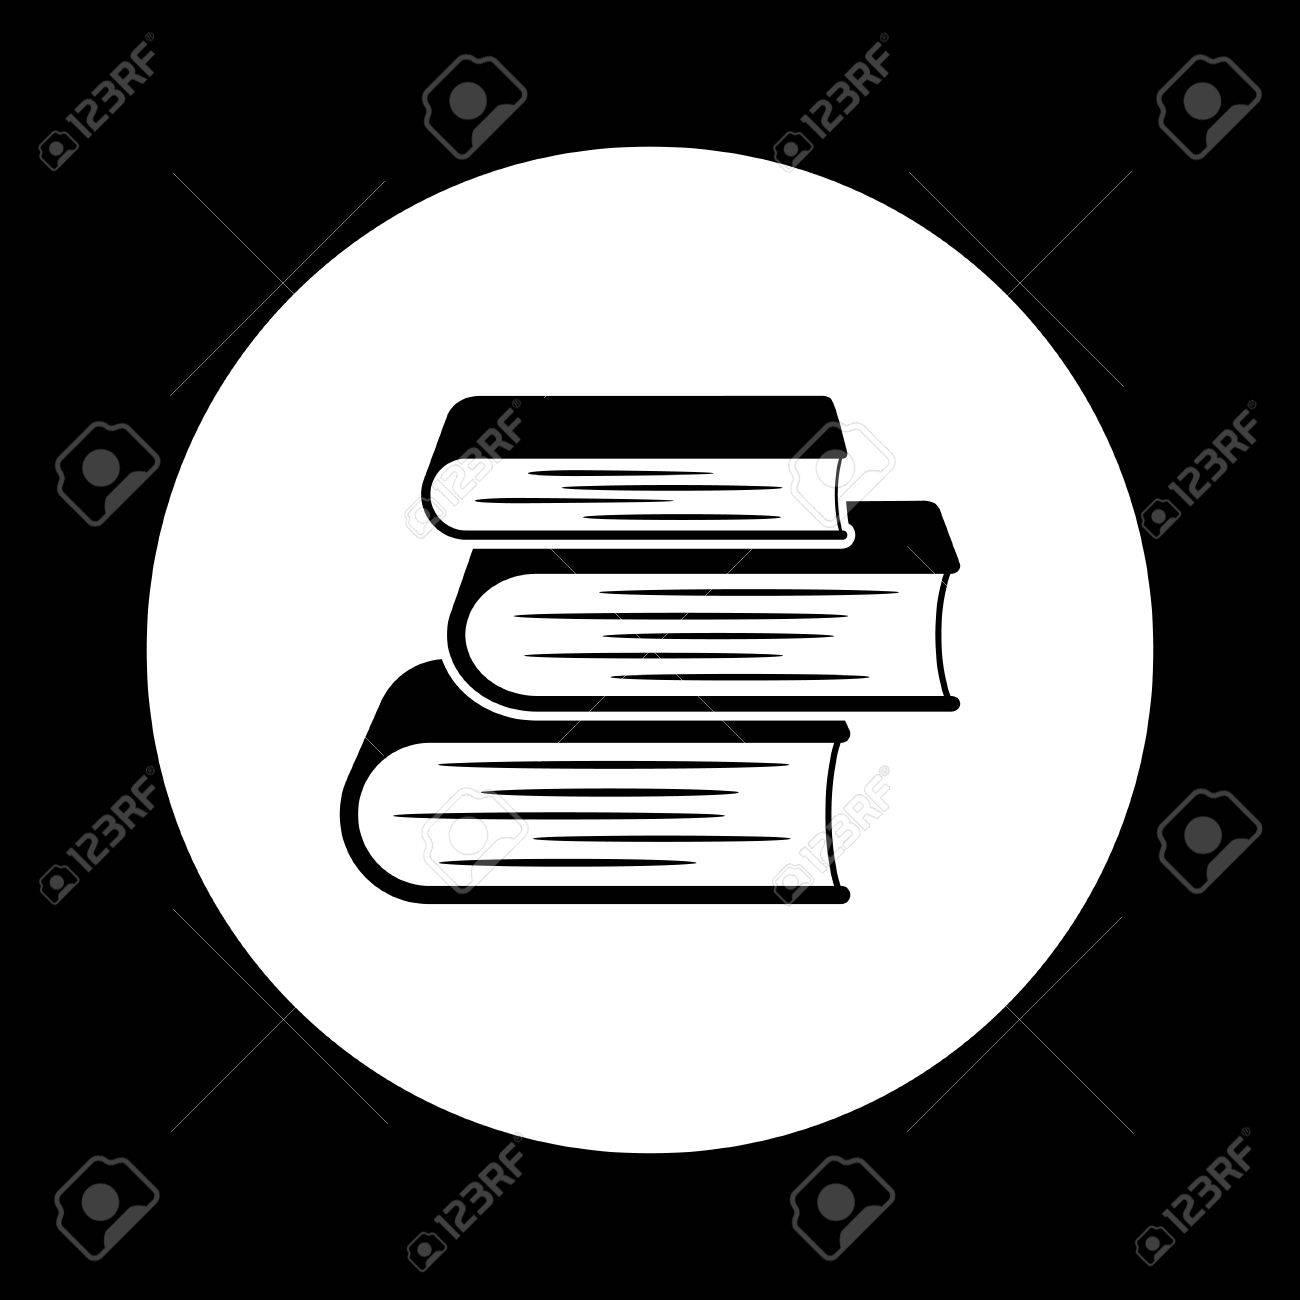 Icone De Livre Noir Et Blanc